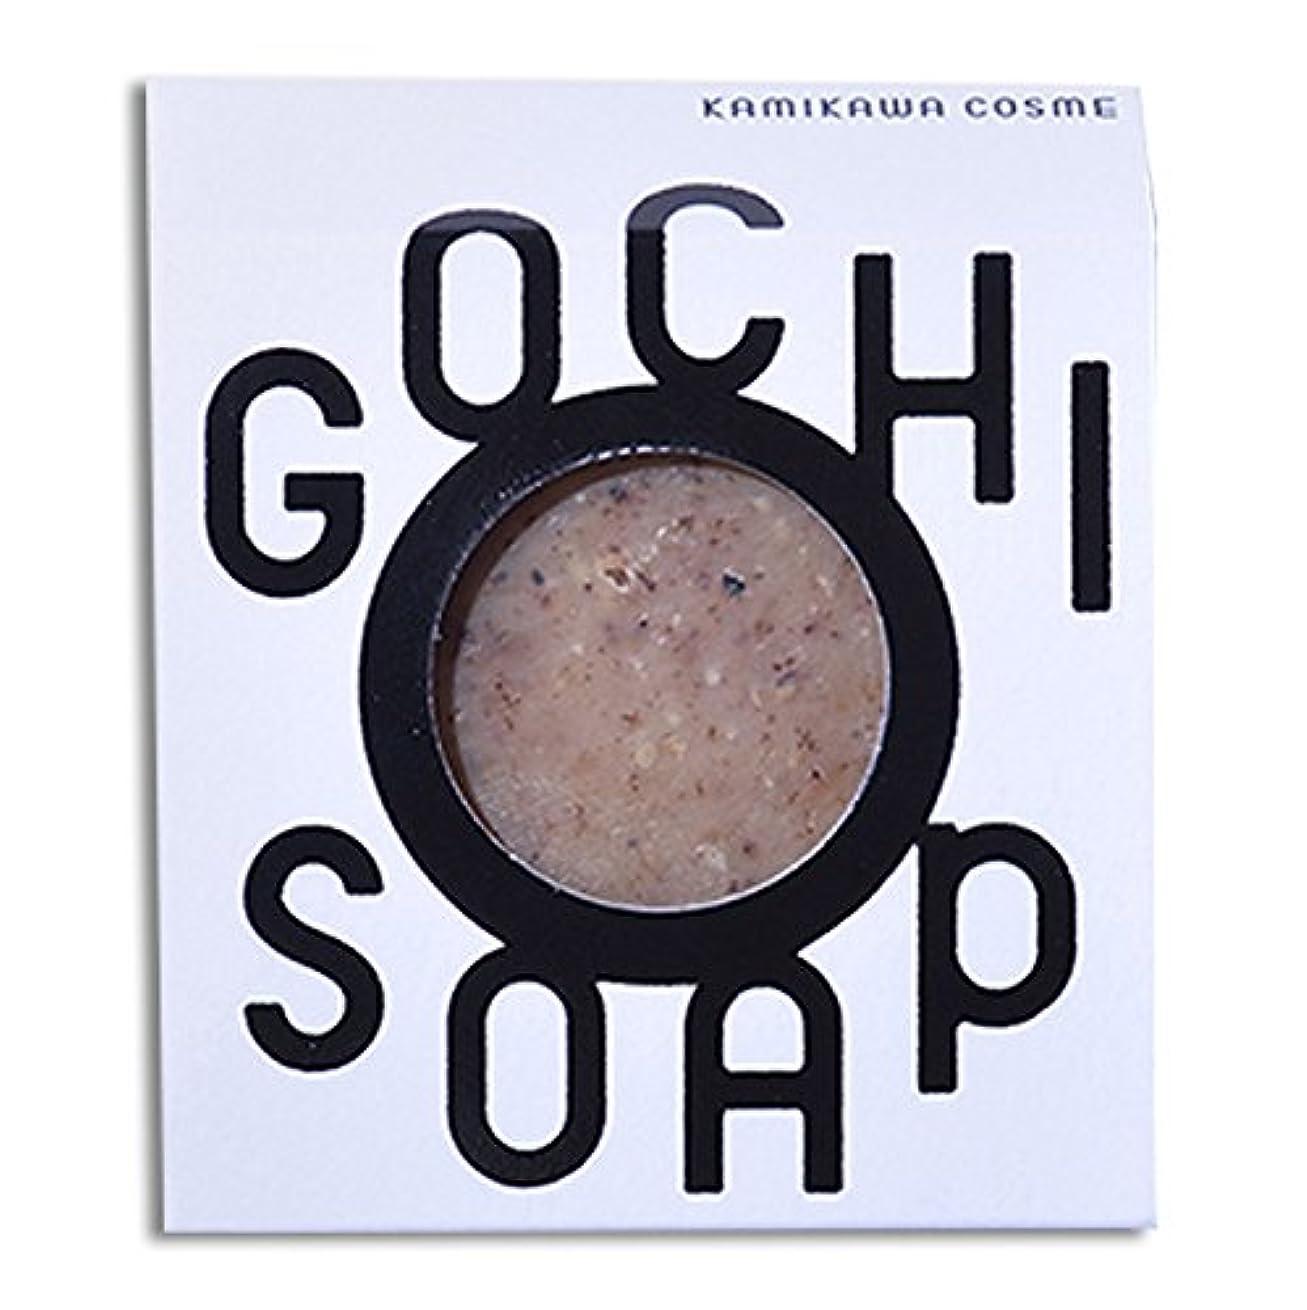 適性を必要としています作物道北の素材を使用したコスメブランド GOCHI SOAP(上森米穀店の黒米ぬかソープ?谷口農場のトマトソープ)各1個セット